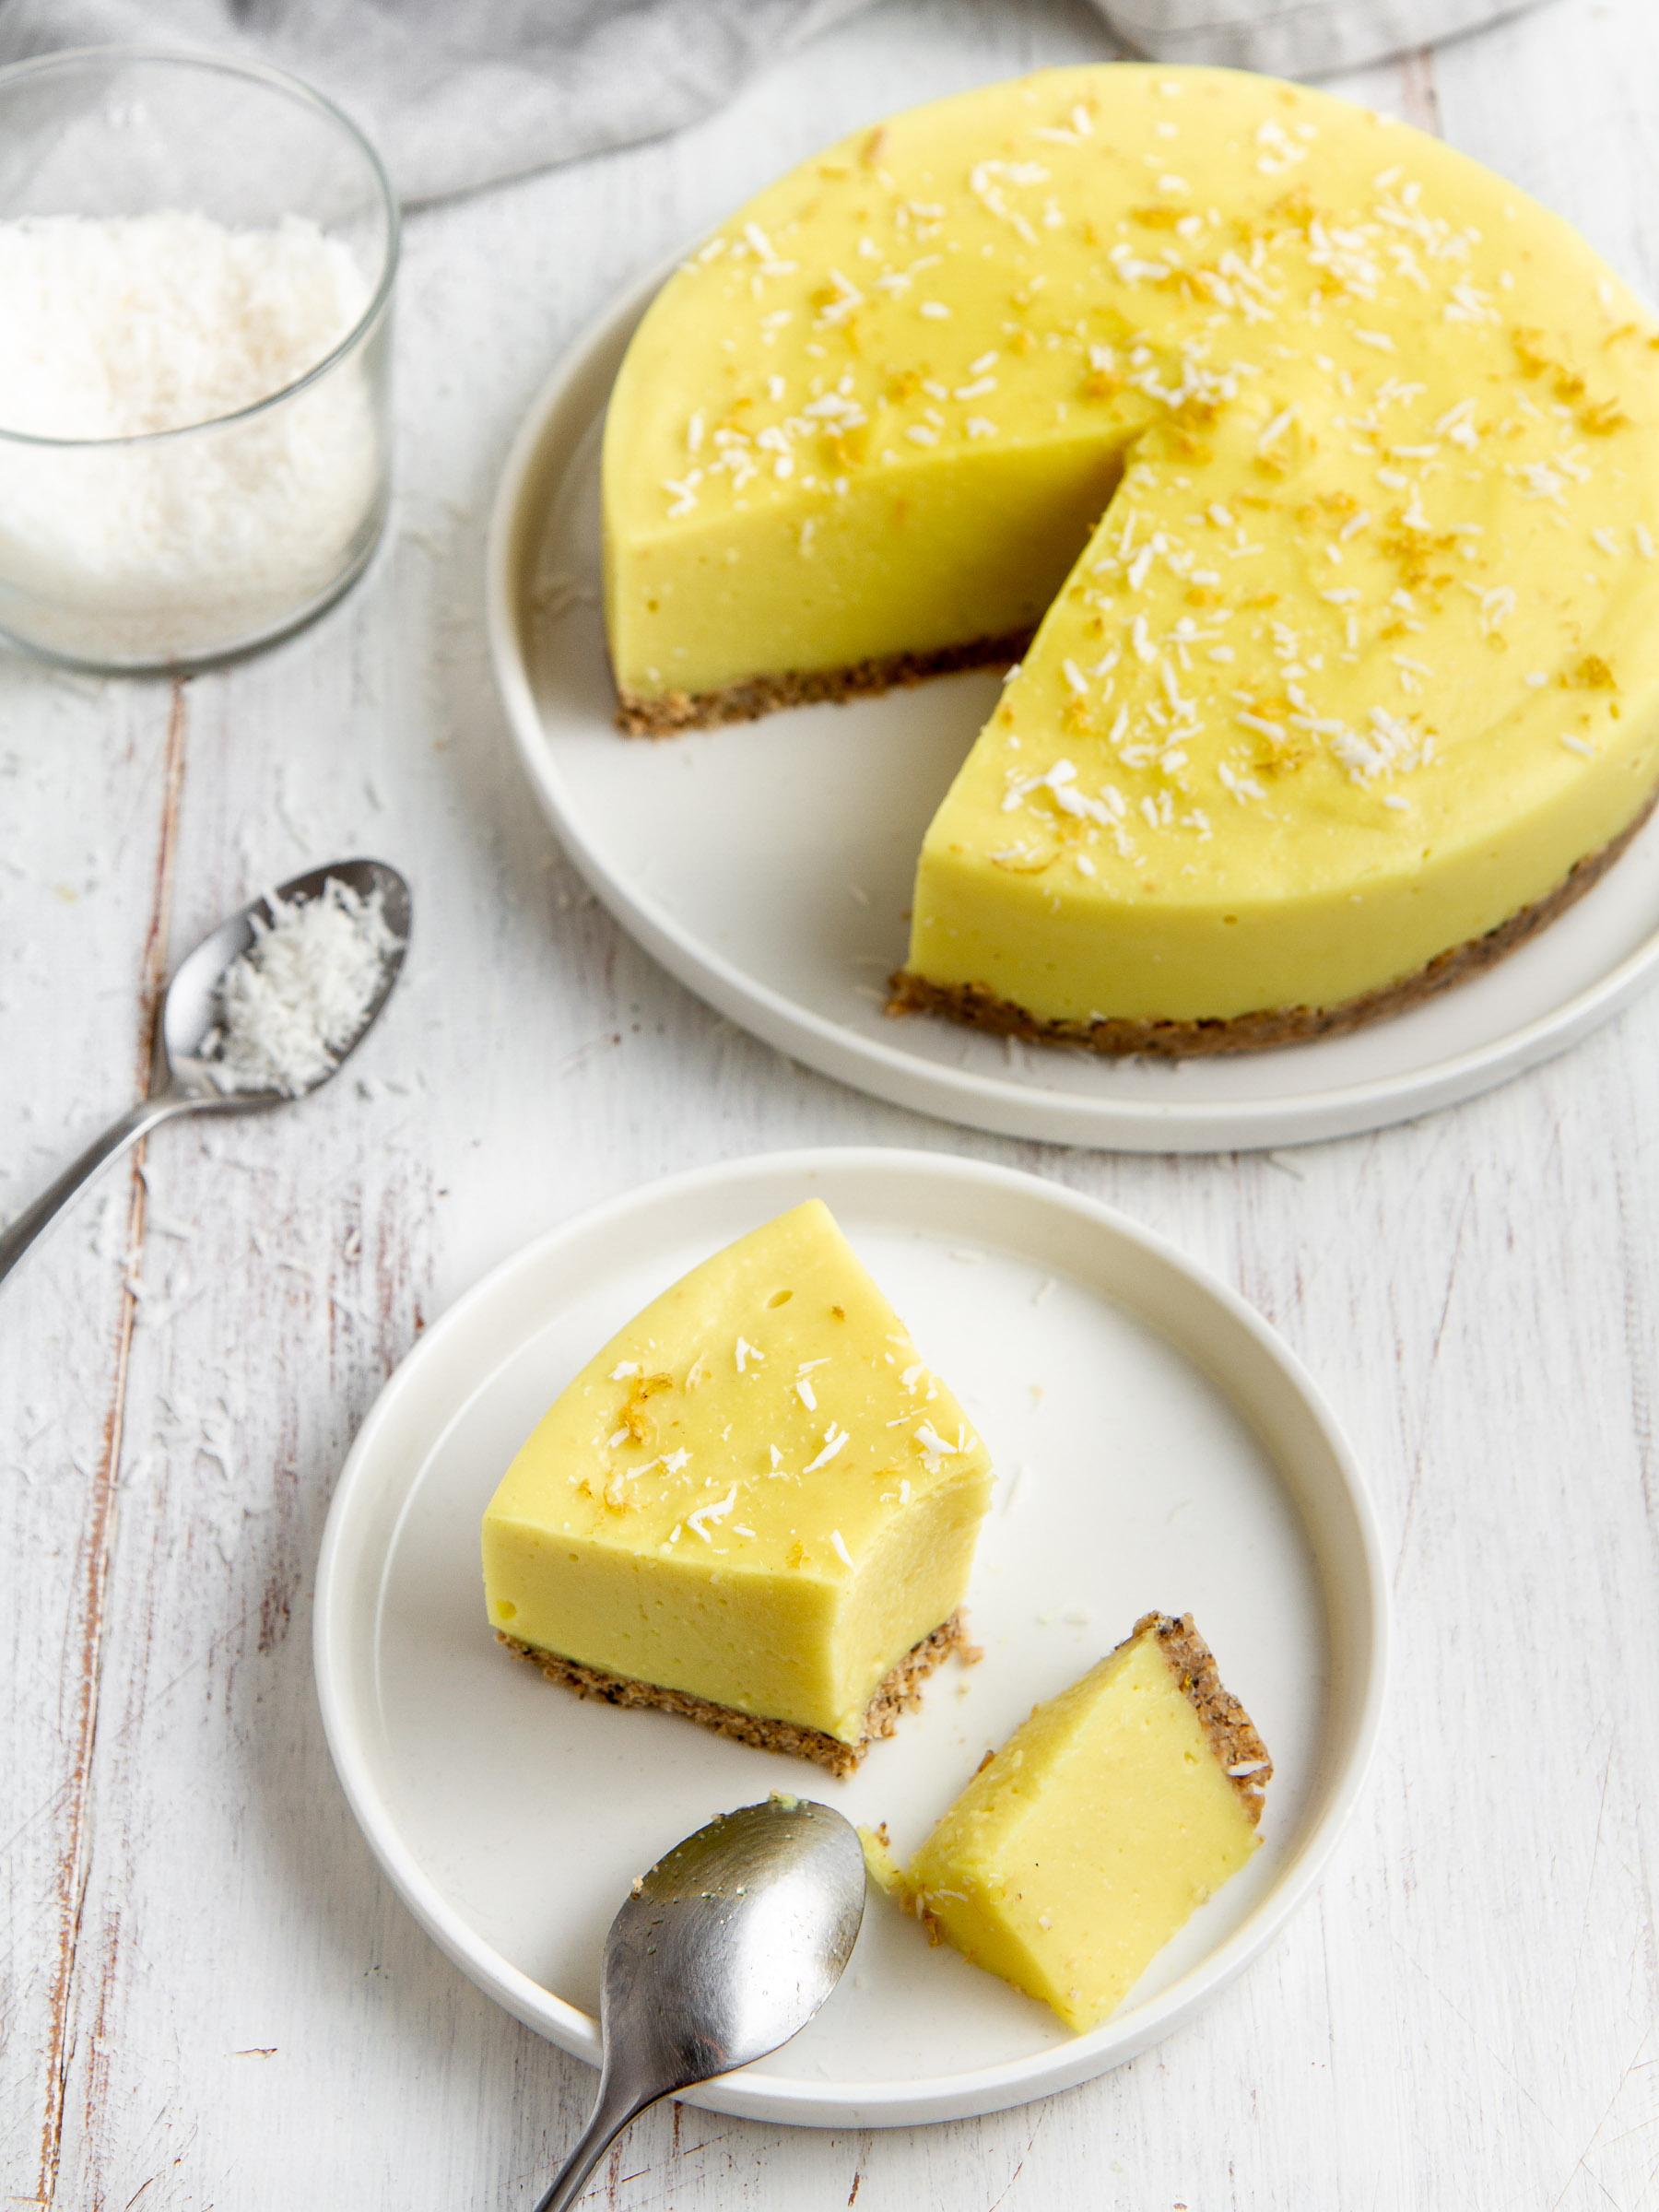 Entremet vegan citron - coco ; pâte sans cuisson aux flocons d'avoine sans gluten